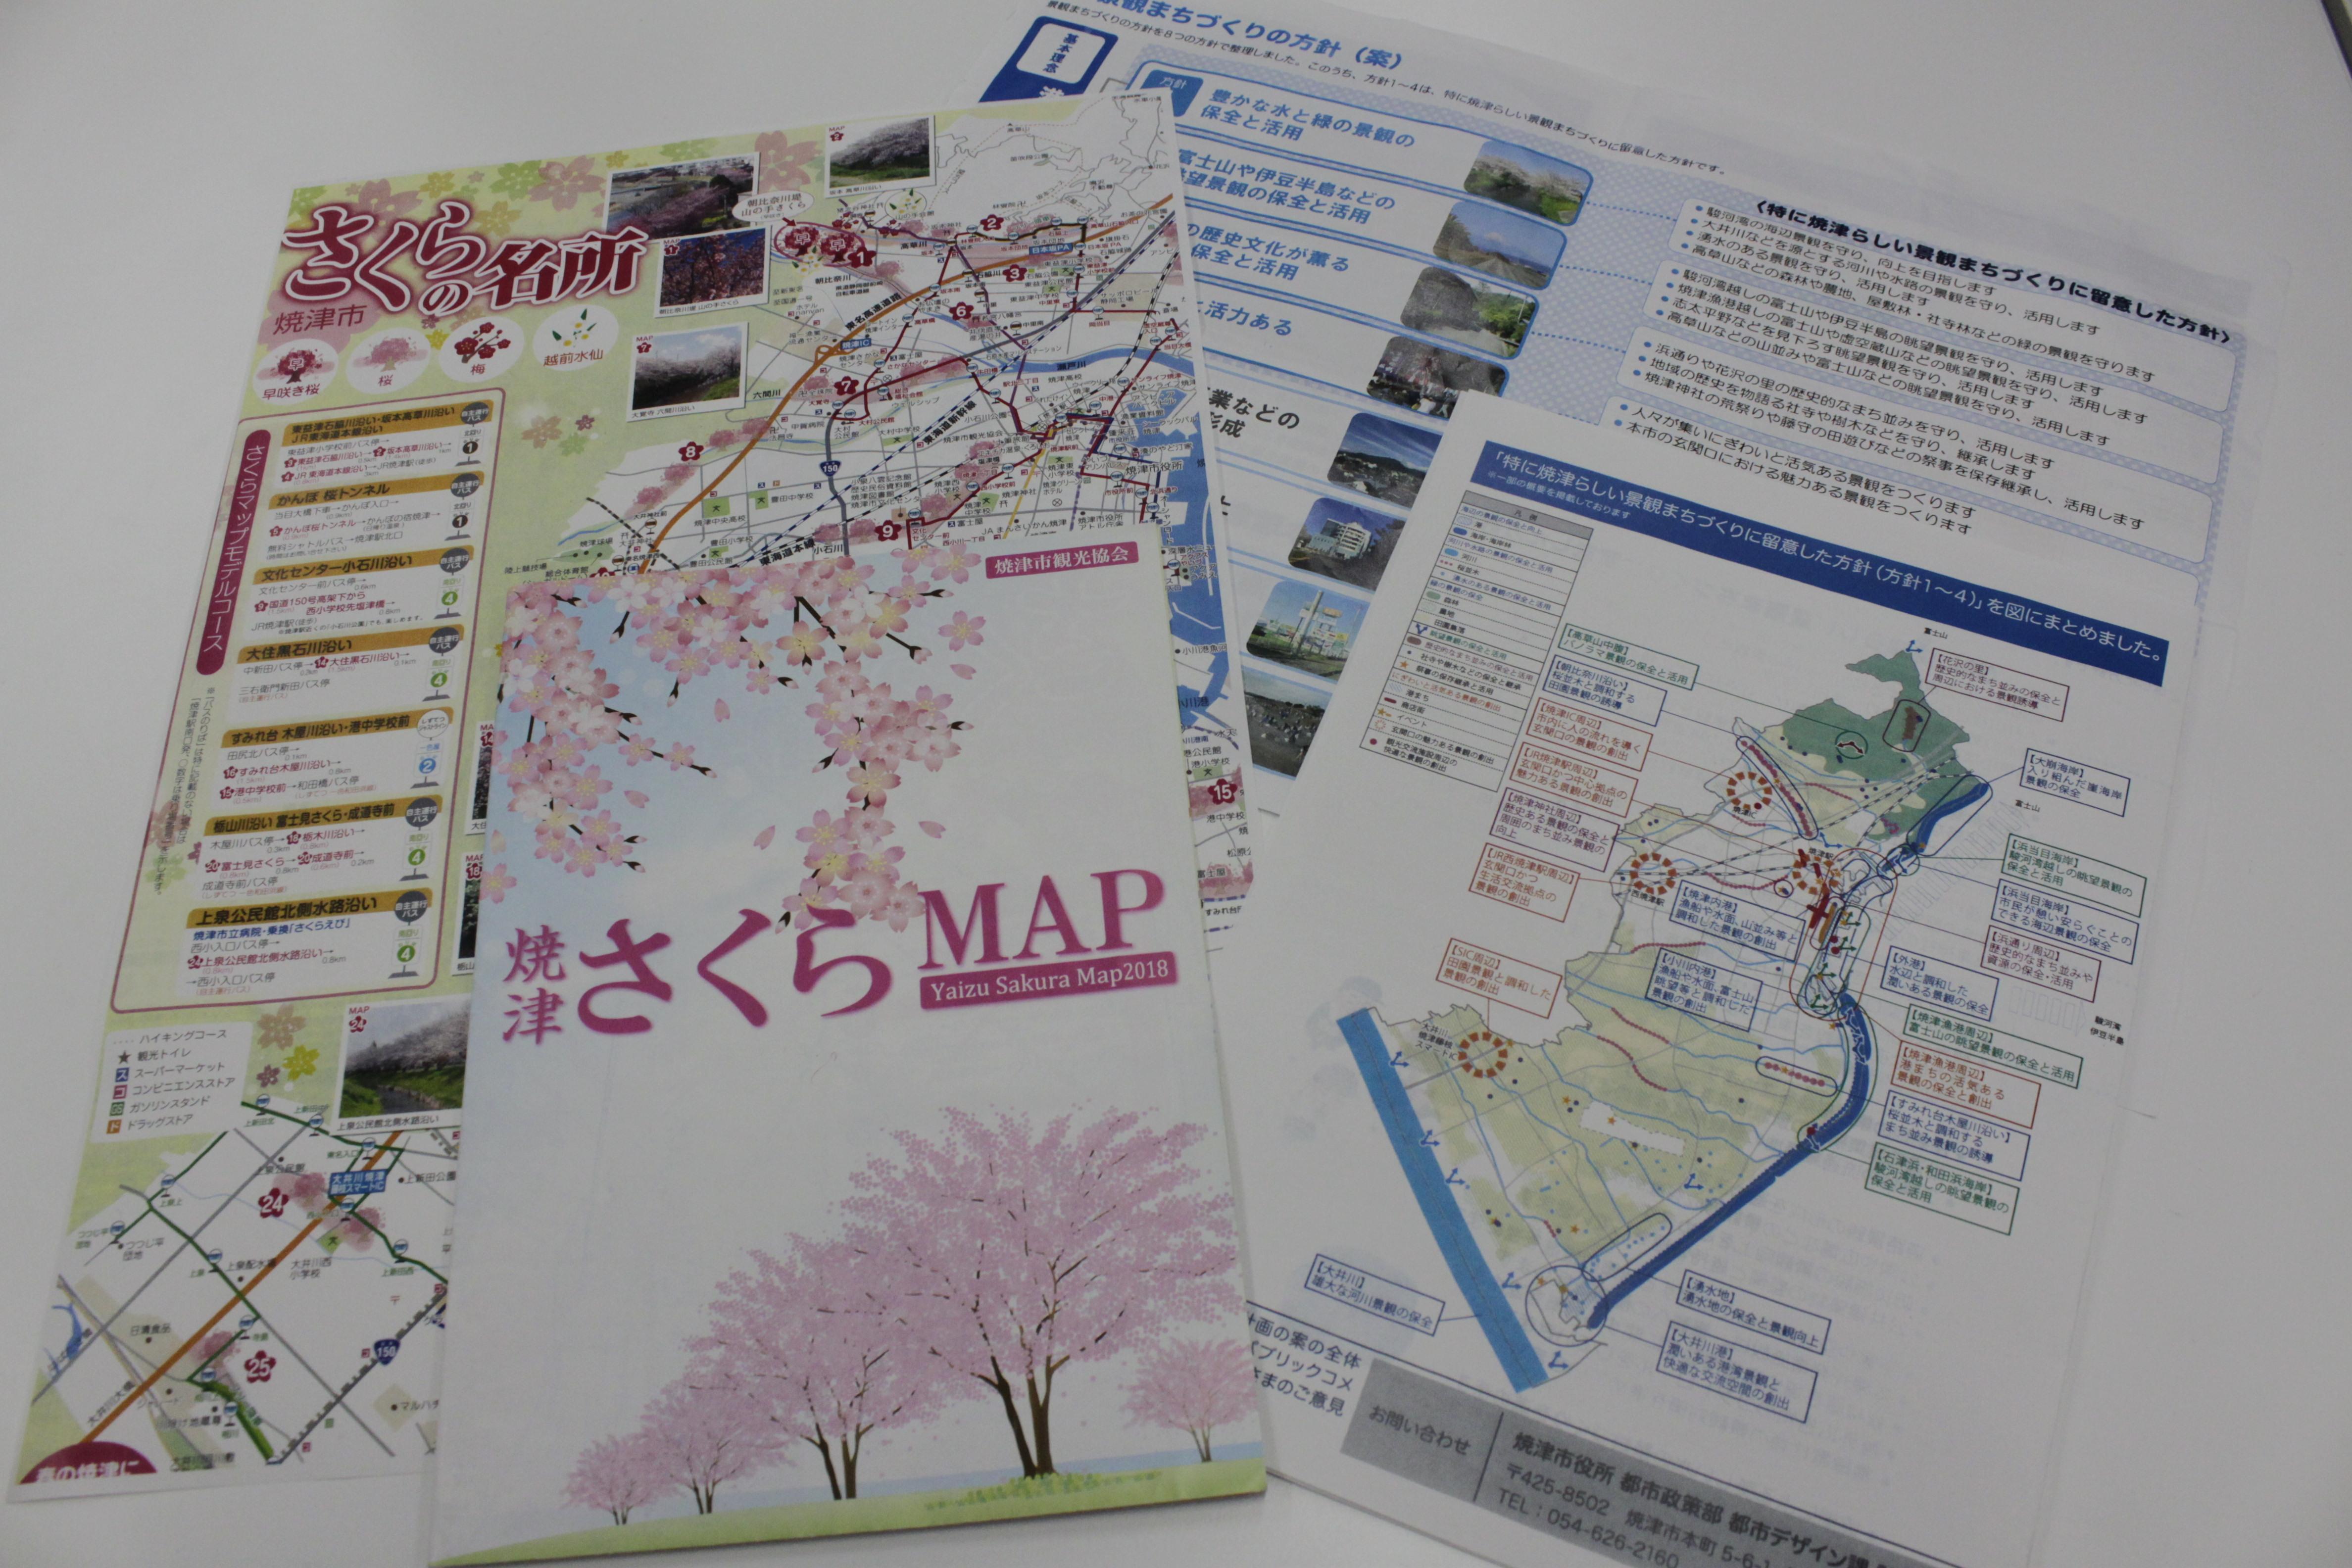 行政も山側の観光資源に目を向けるようになった。焼津市観光協会は見スポットをまとめた「さくらマップ」を作成。焼津市も景観法に基づく景観まちづくりの基本方針案に、朝比奈川沿いで「桜並木と調和する田園景観の誘導」を進めることを盛り込んだ。戦国時代に今川氏が高草山で築いたとされる山城の城跡整備事業にも新年度から着手する方針で、観光拠点化を目指す。